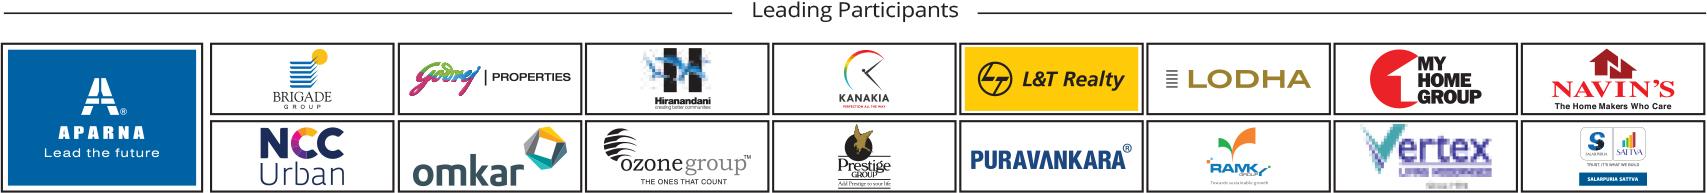 leading participants